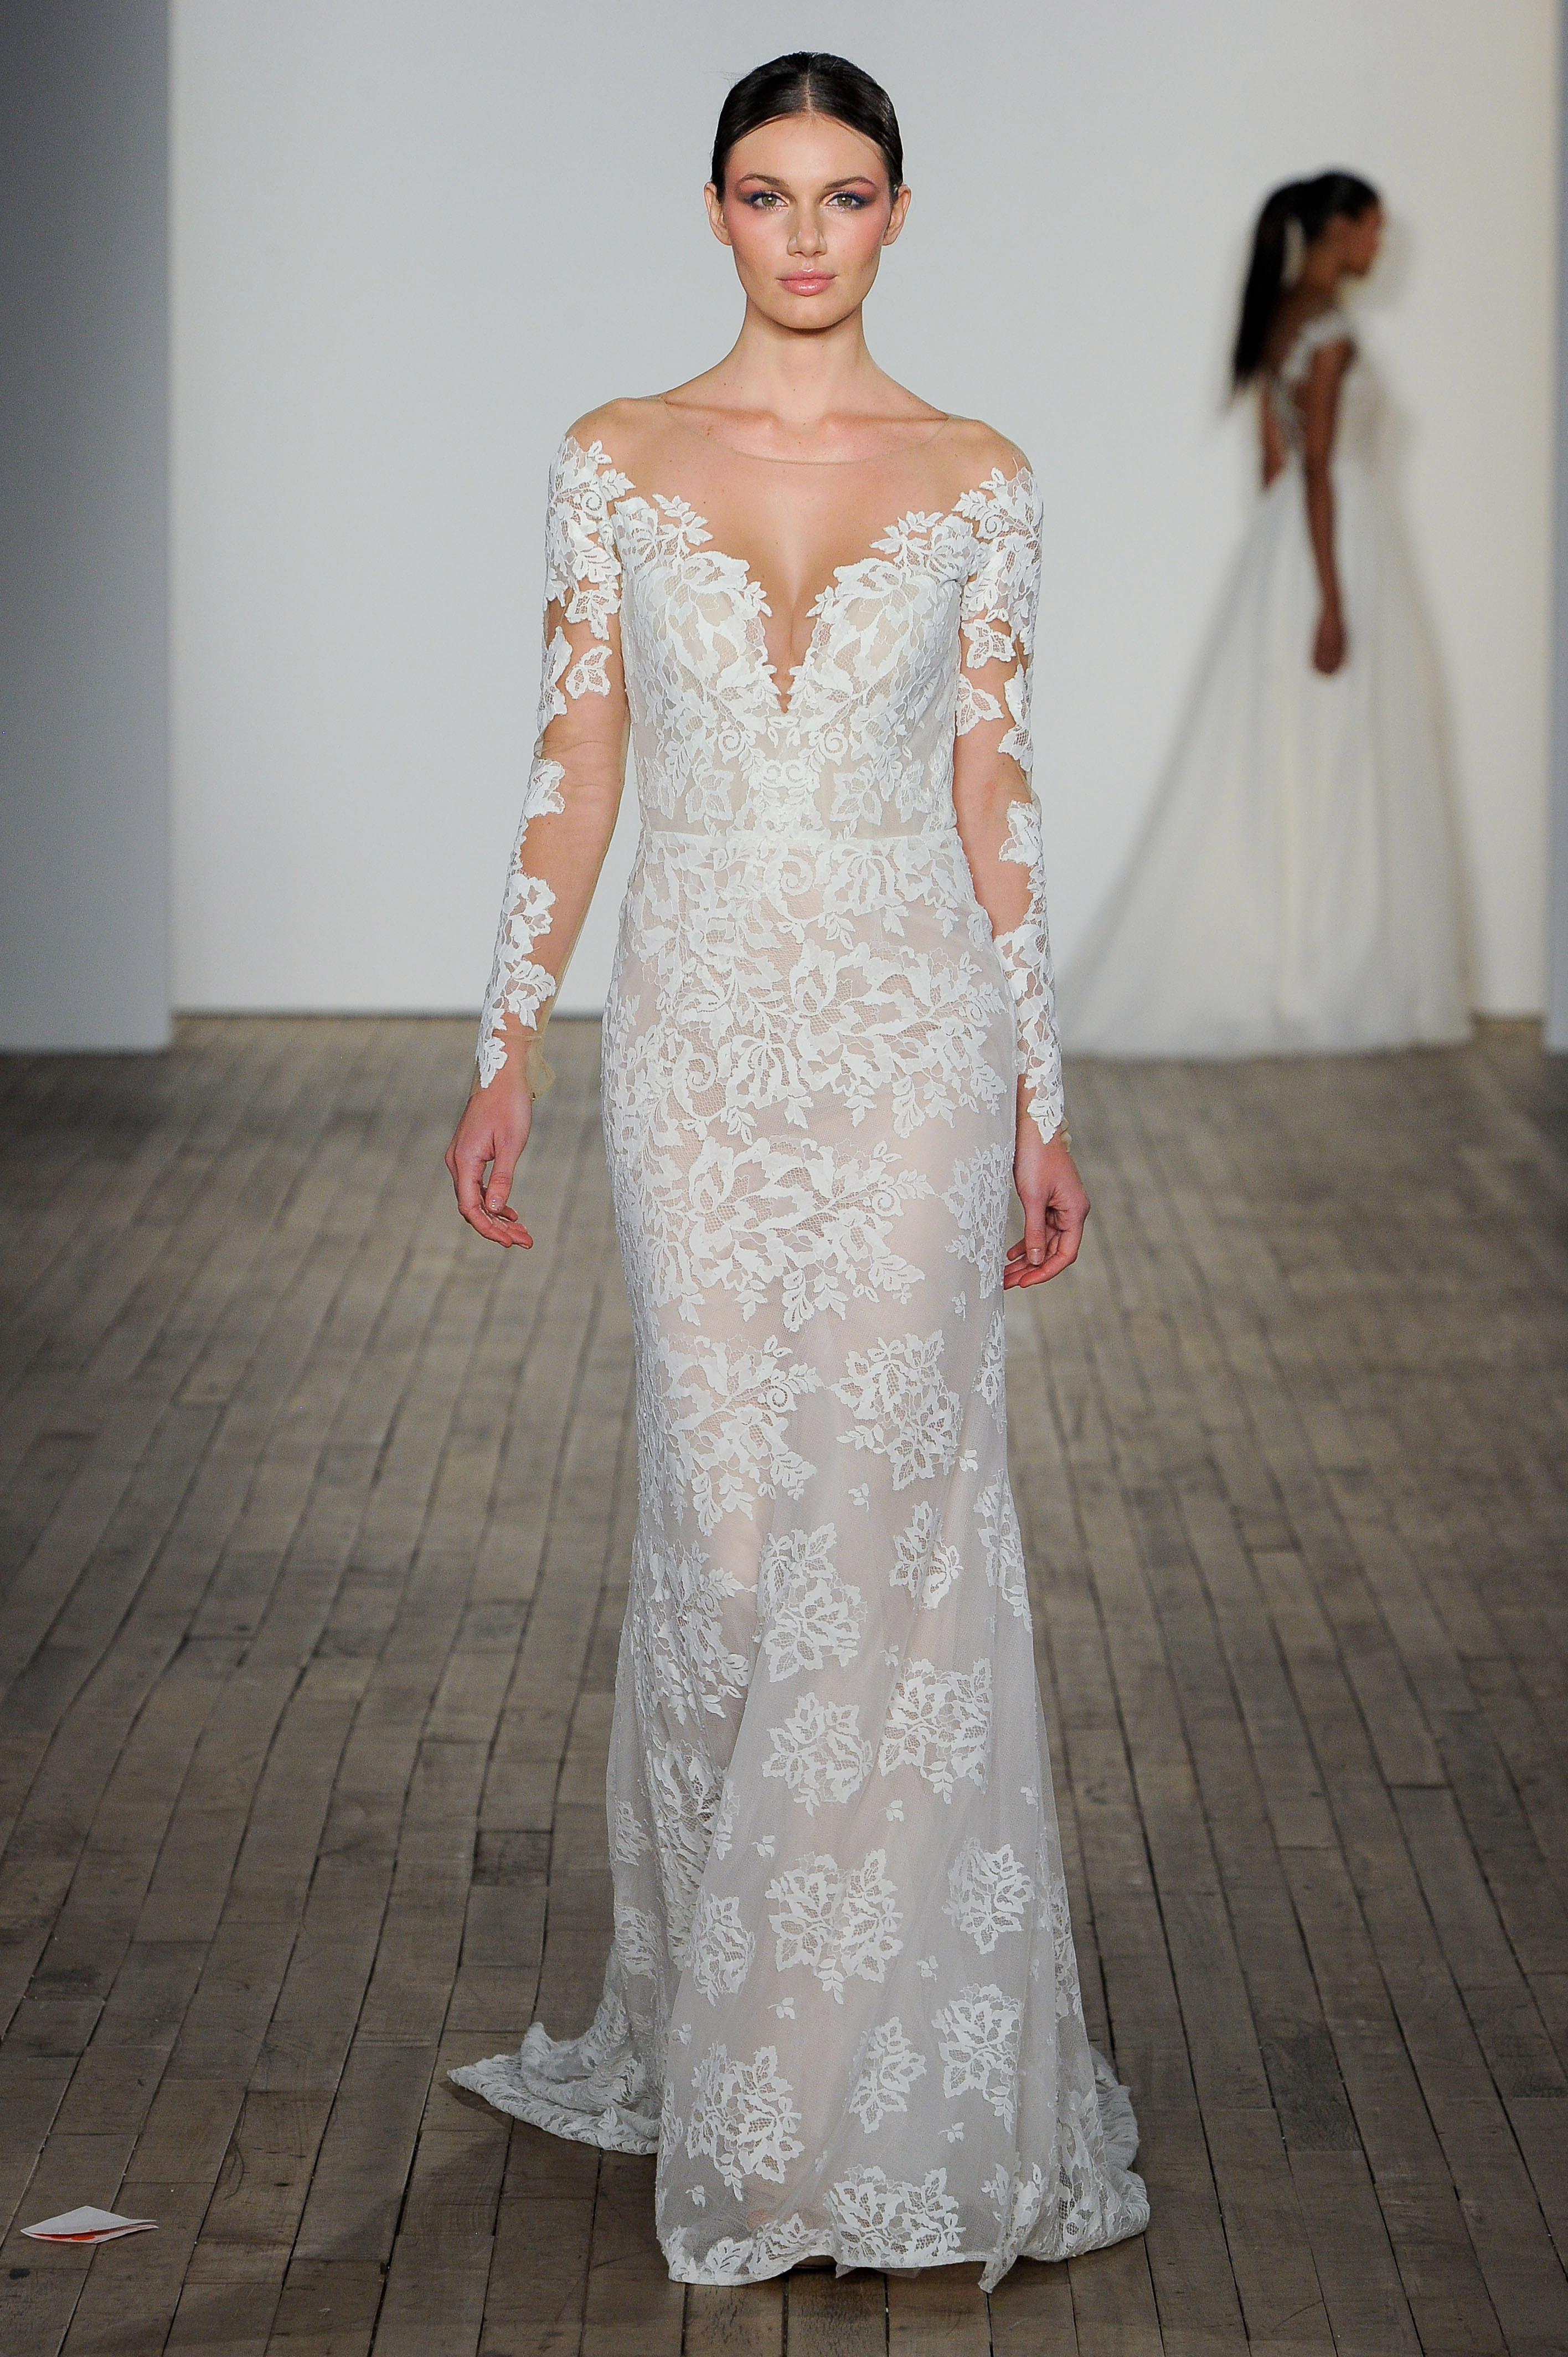 blush by hayley paige fall 2019 sheath floral applique wedding dress